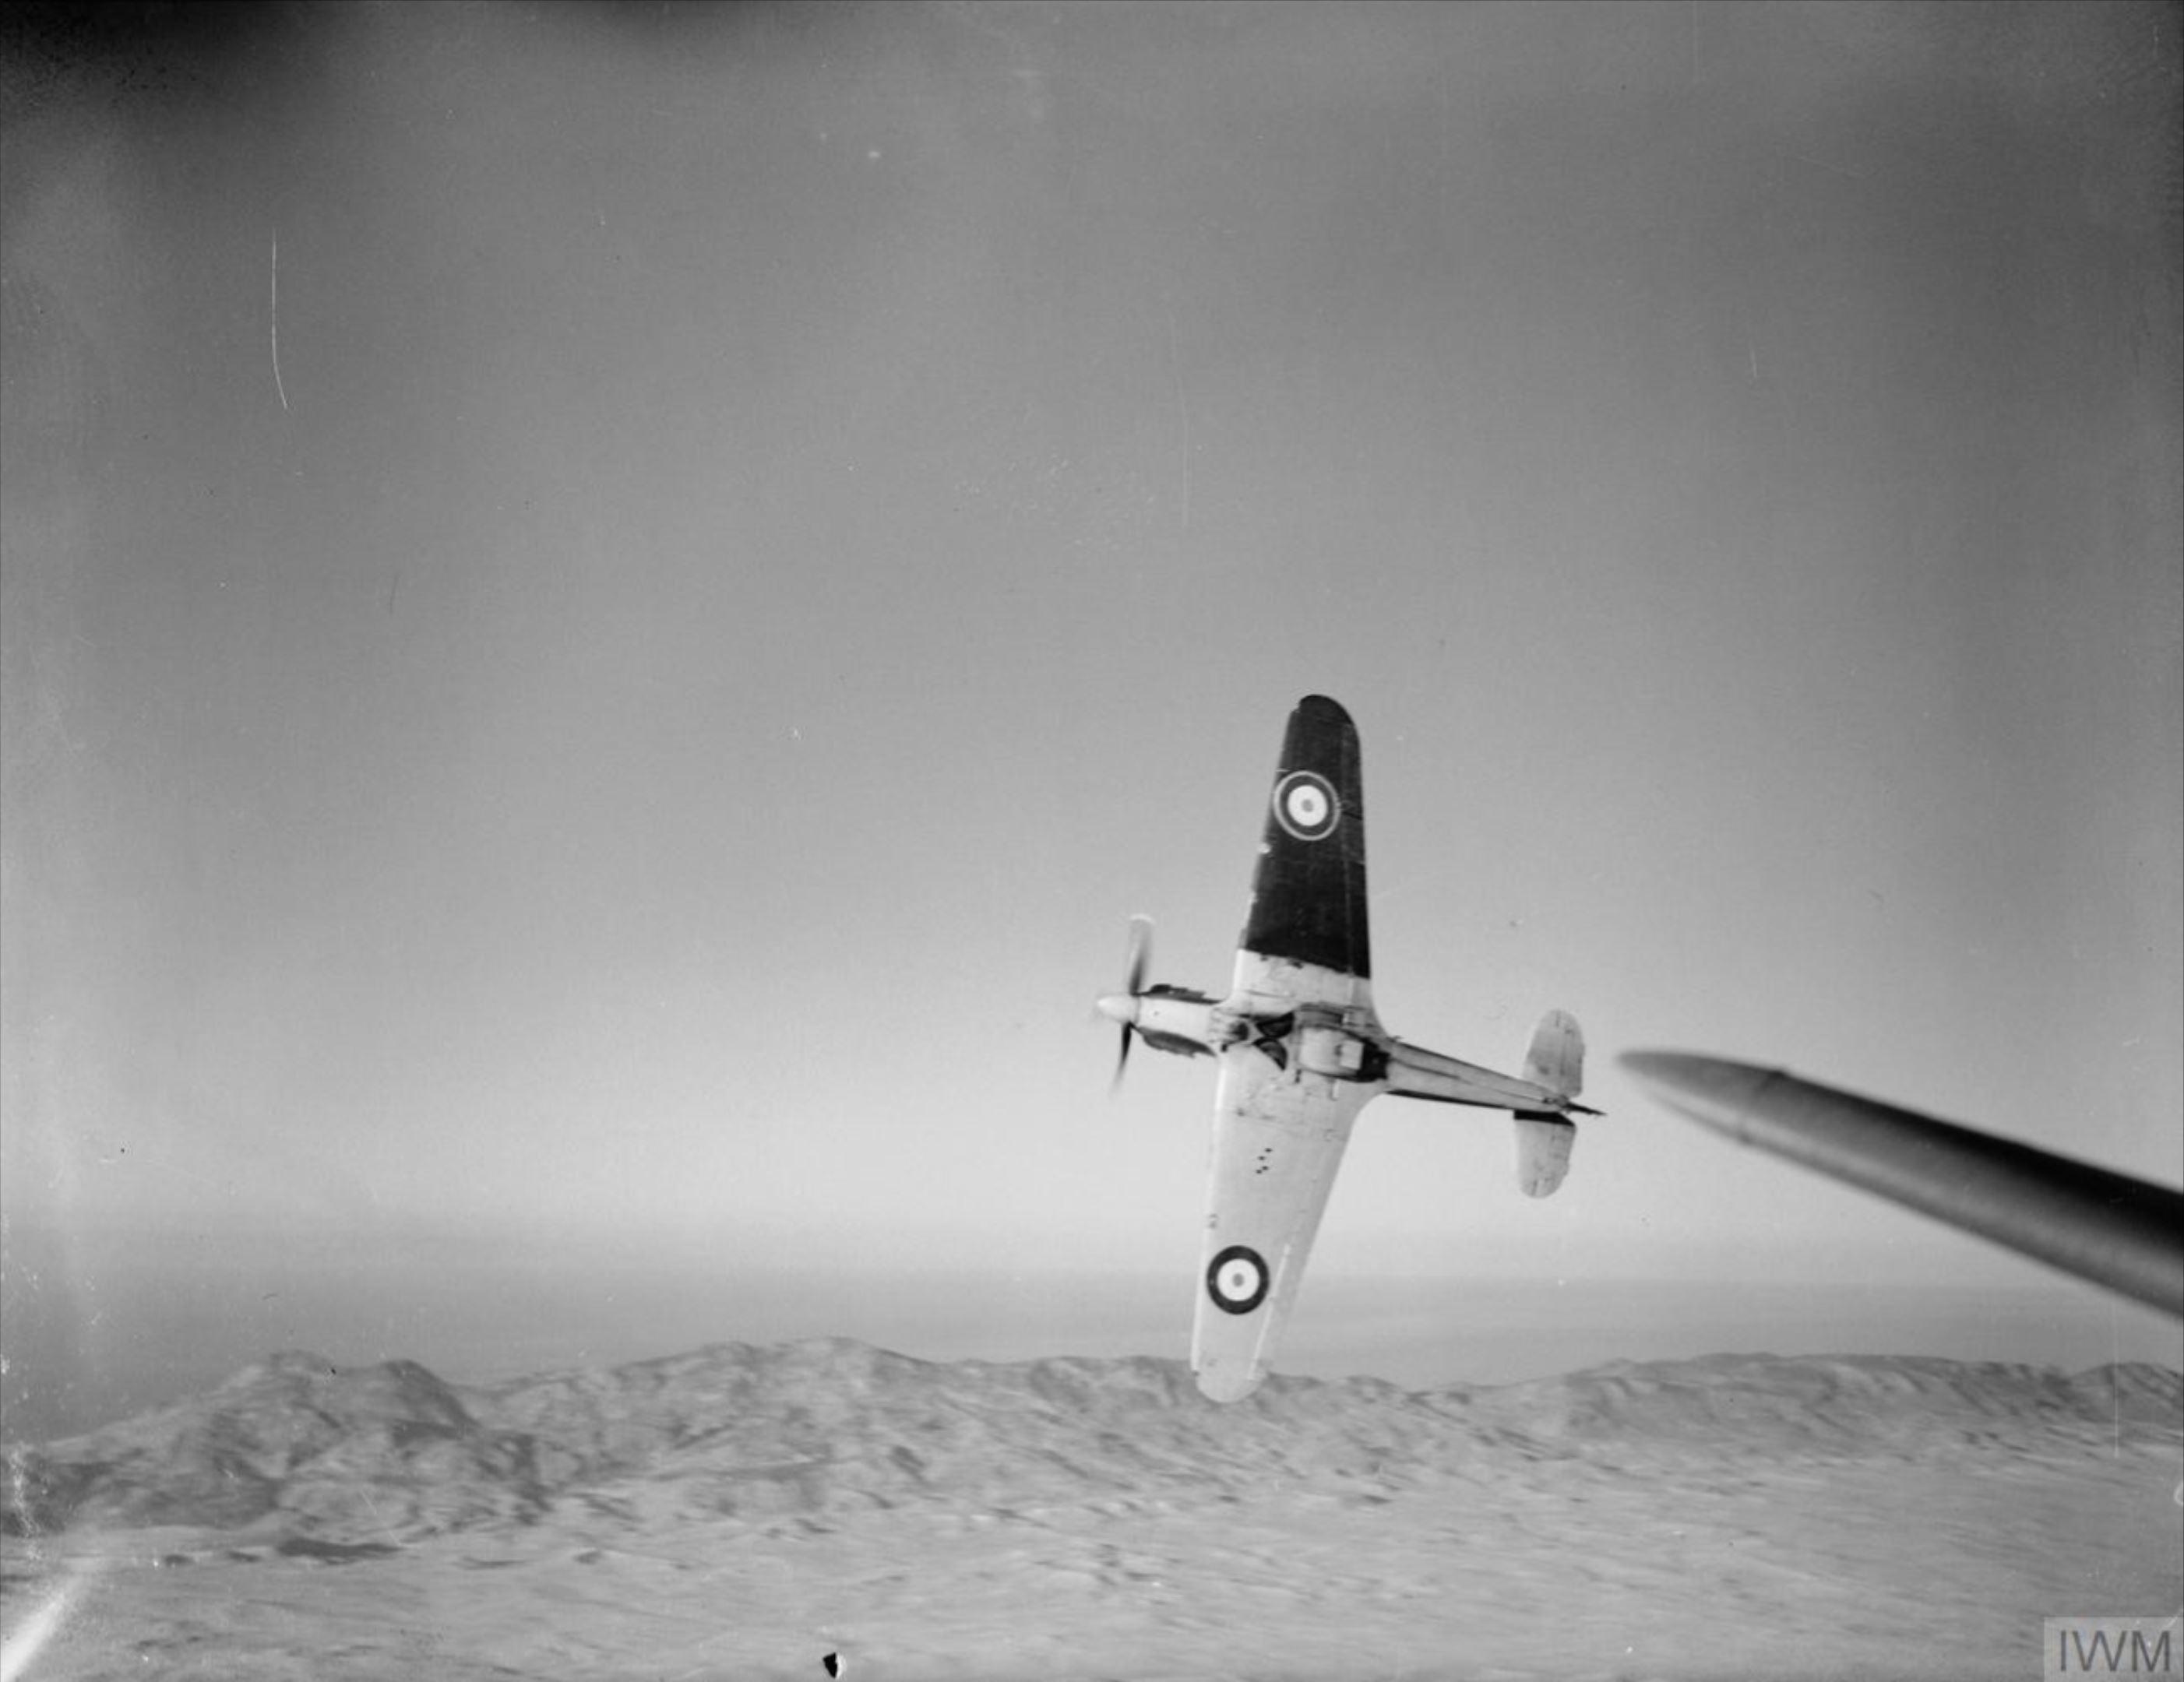 Hurricane I RAF 213Sqn based at Famagusta Cyprus IWM CM1405